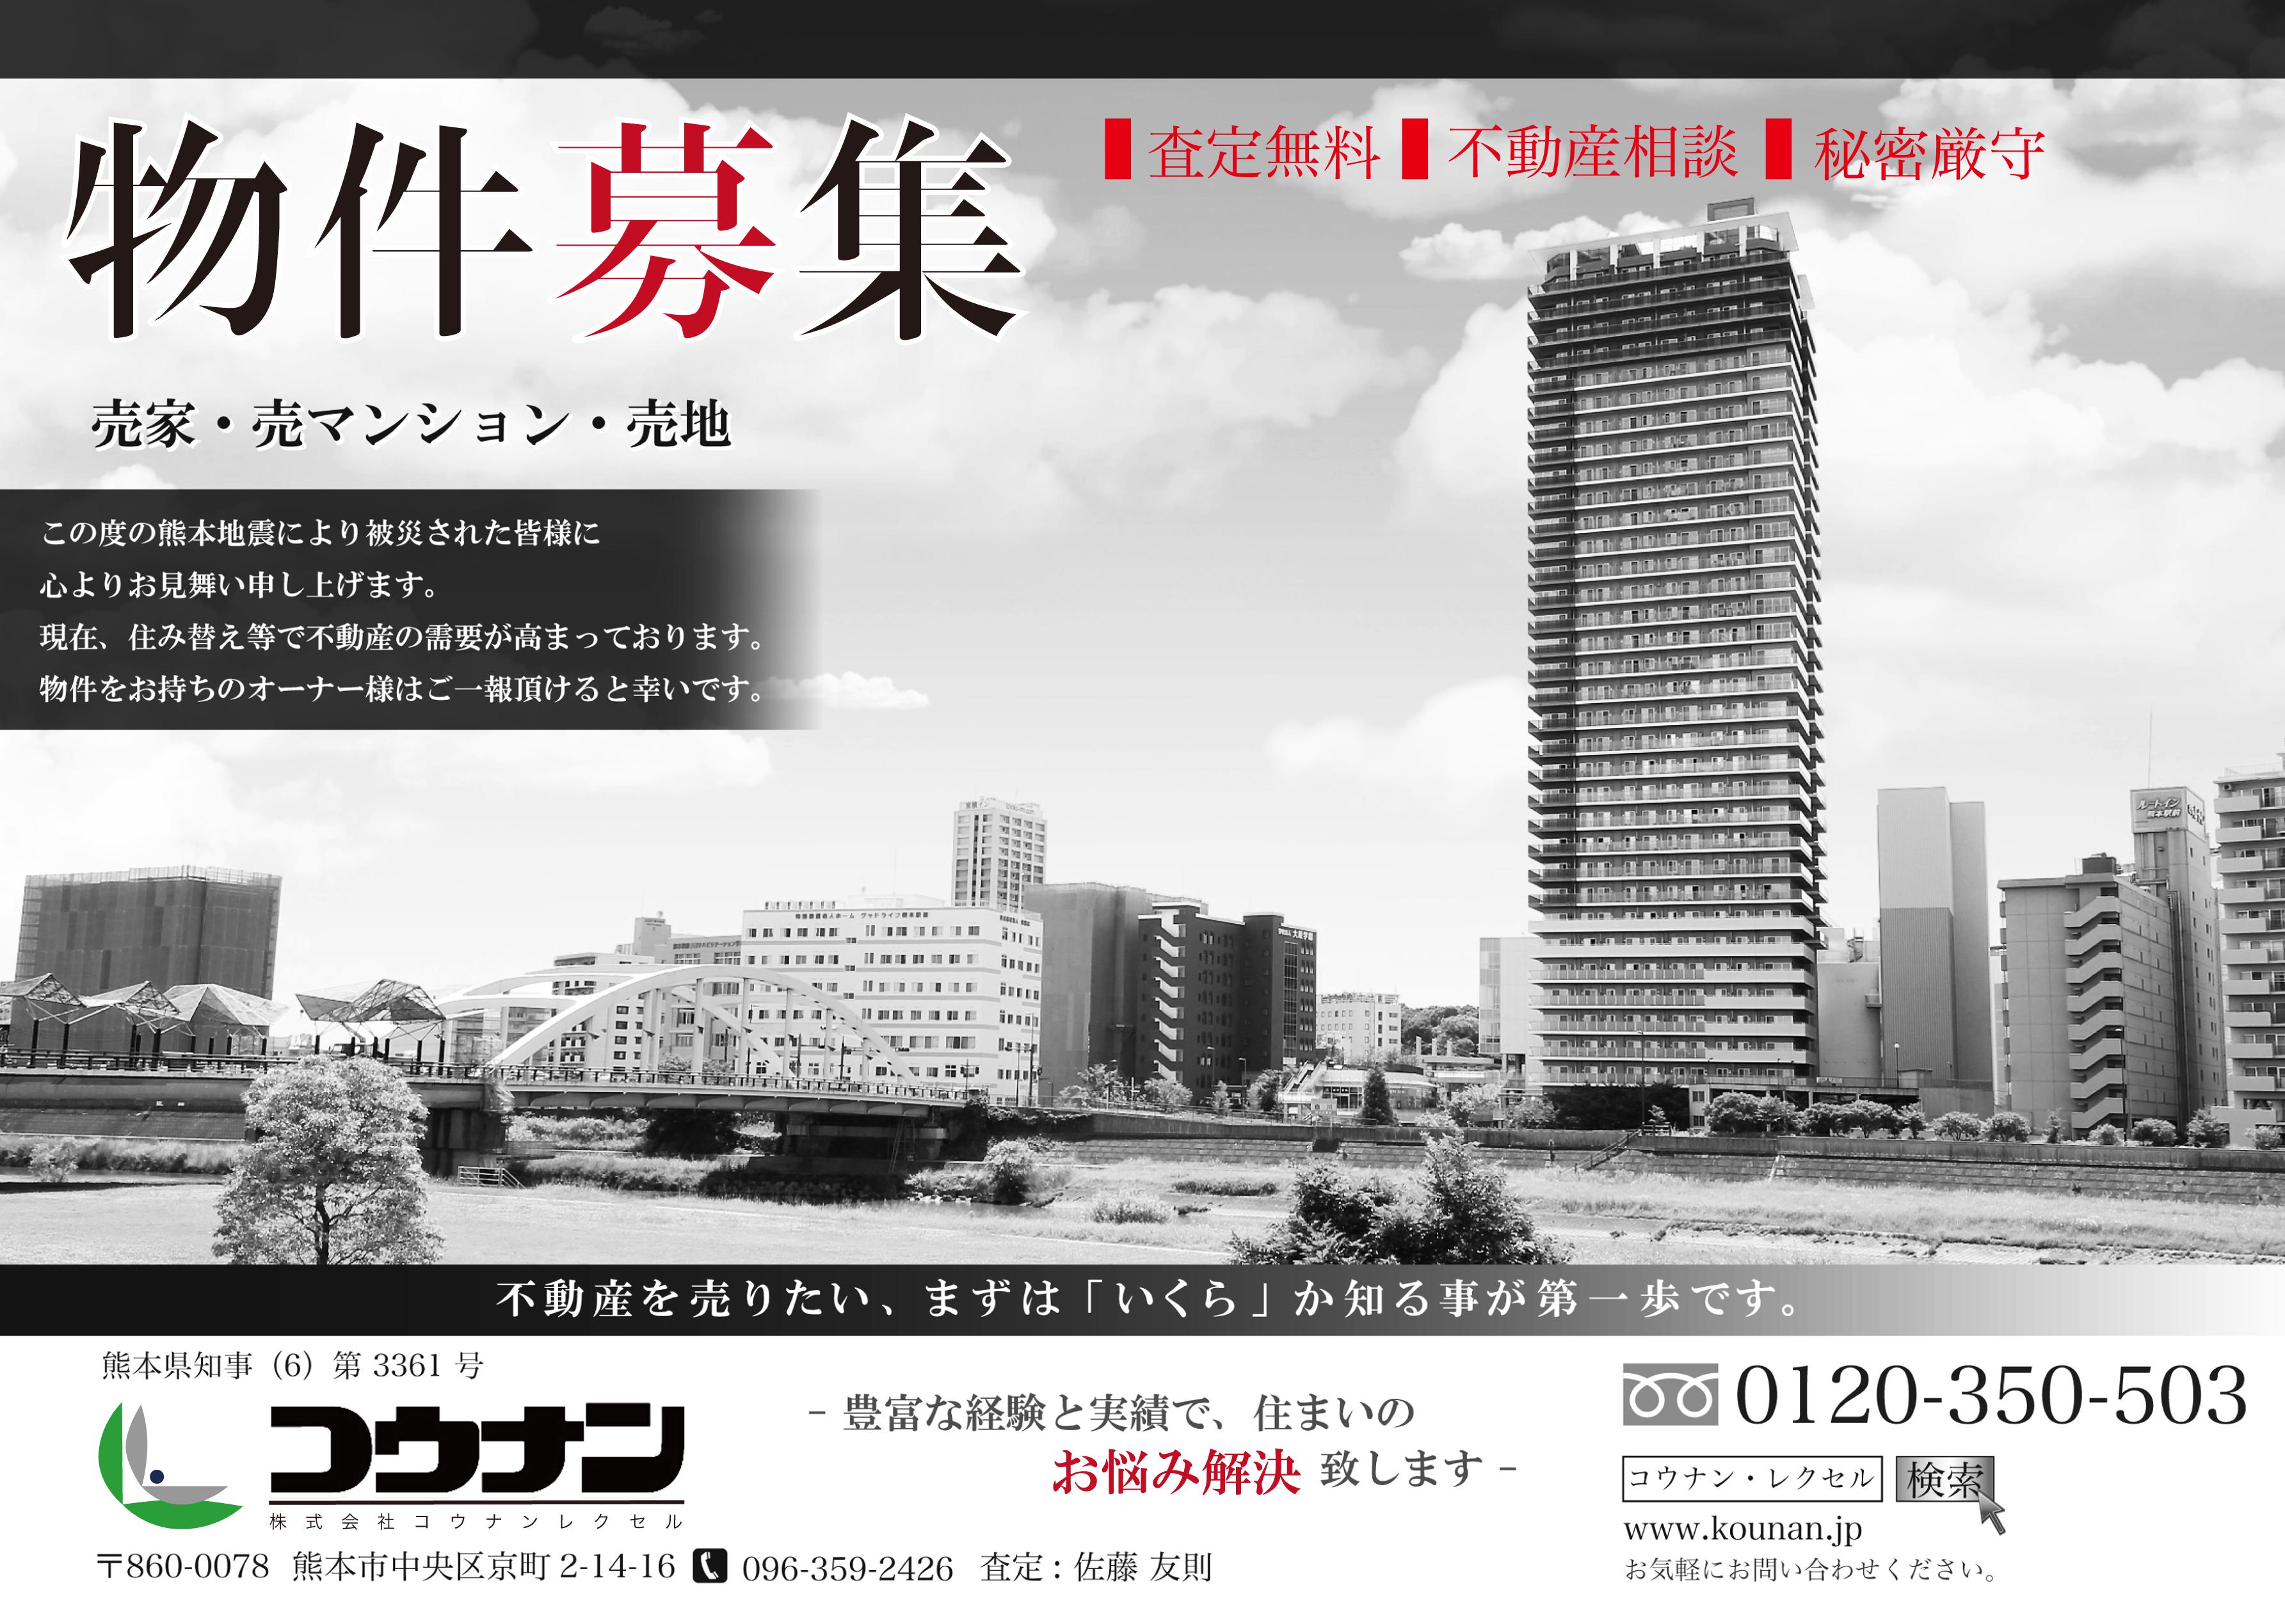 【入稿用】熊本タワー裏